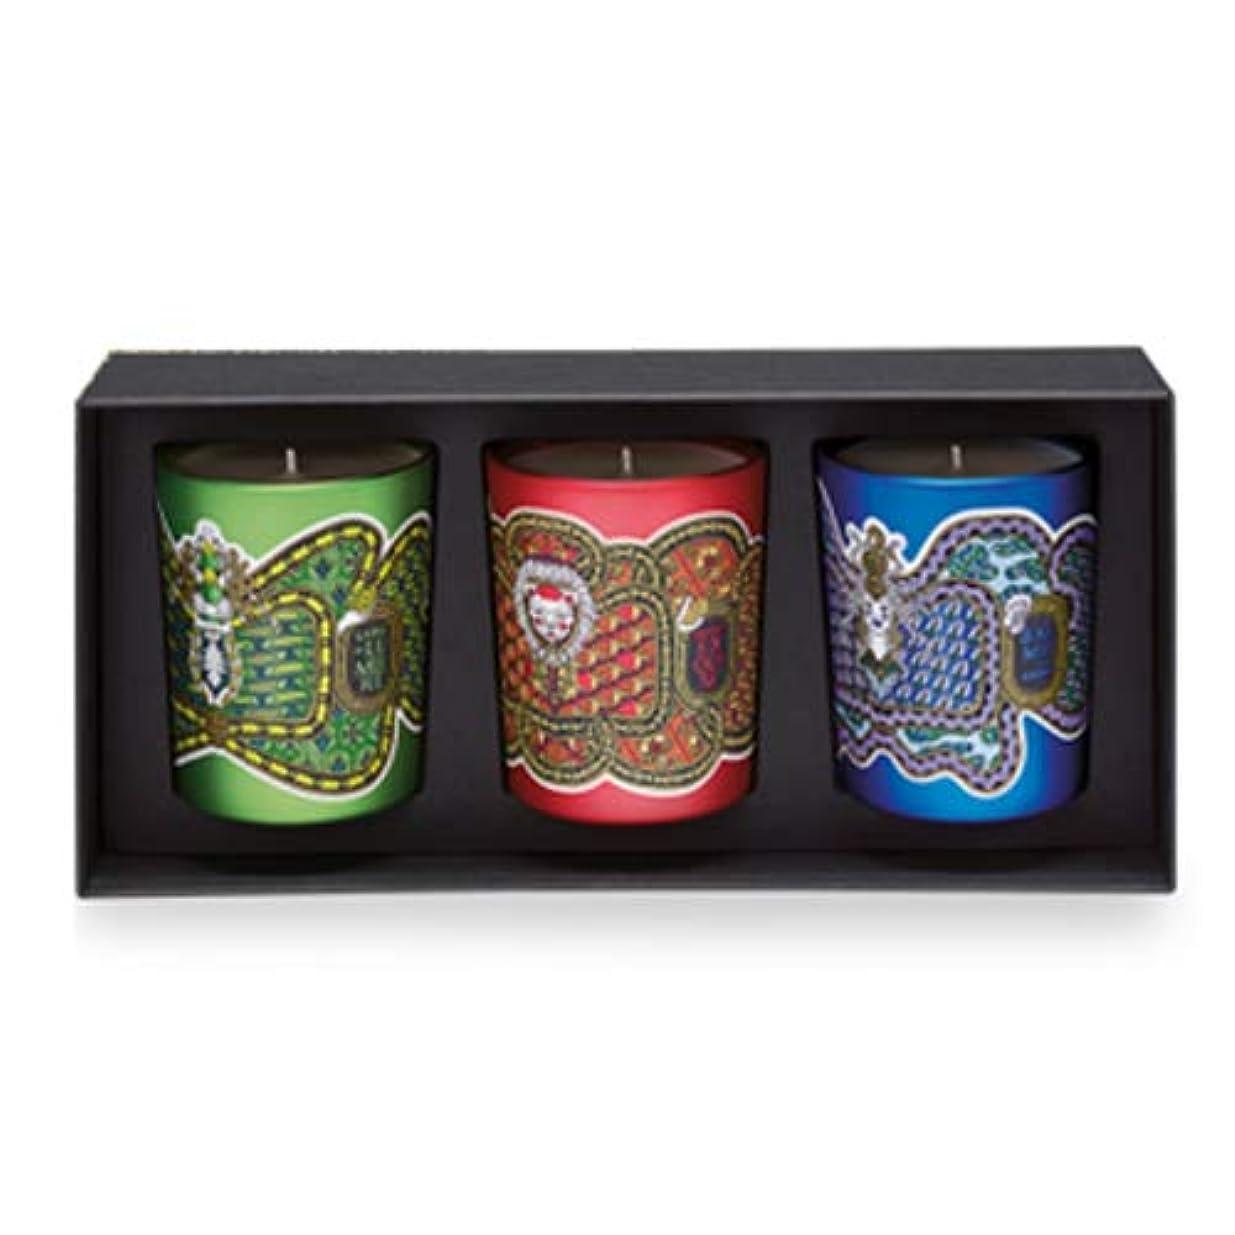 狂乱議題衝突ディプティック フレグランス キャンドル コフレ 3種類の香り 190g×3 DIPTYQUE LEGENDE DU NORD SCENTED HOLIDAY 3 CANDLE SET [6586] [並行輸入品]